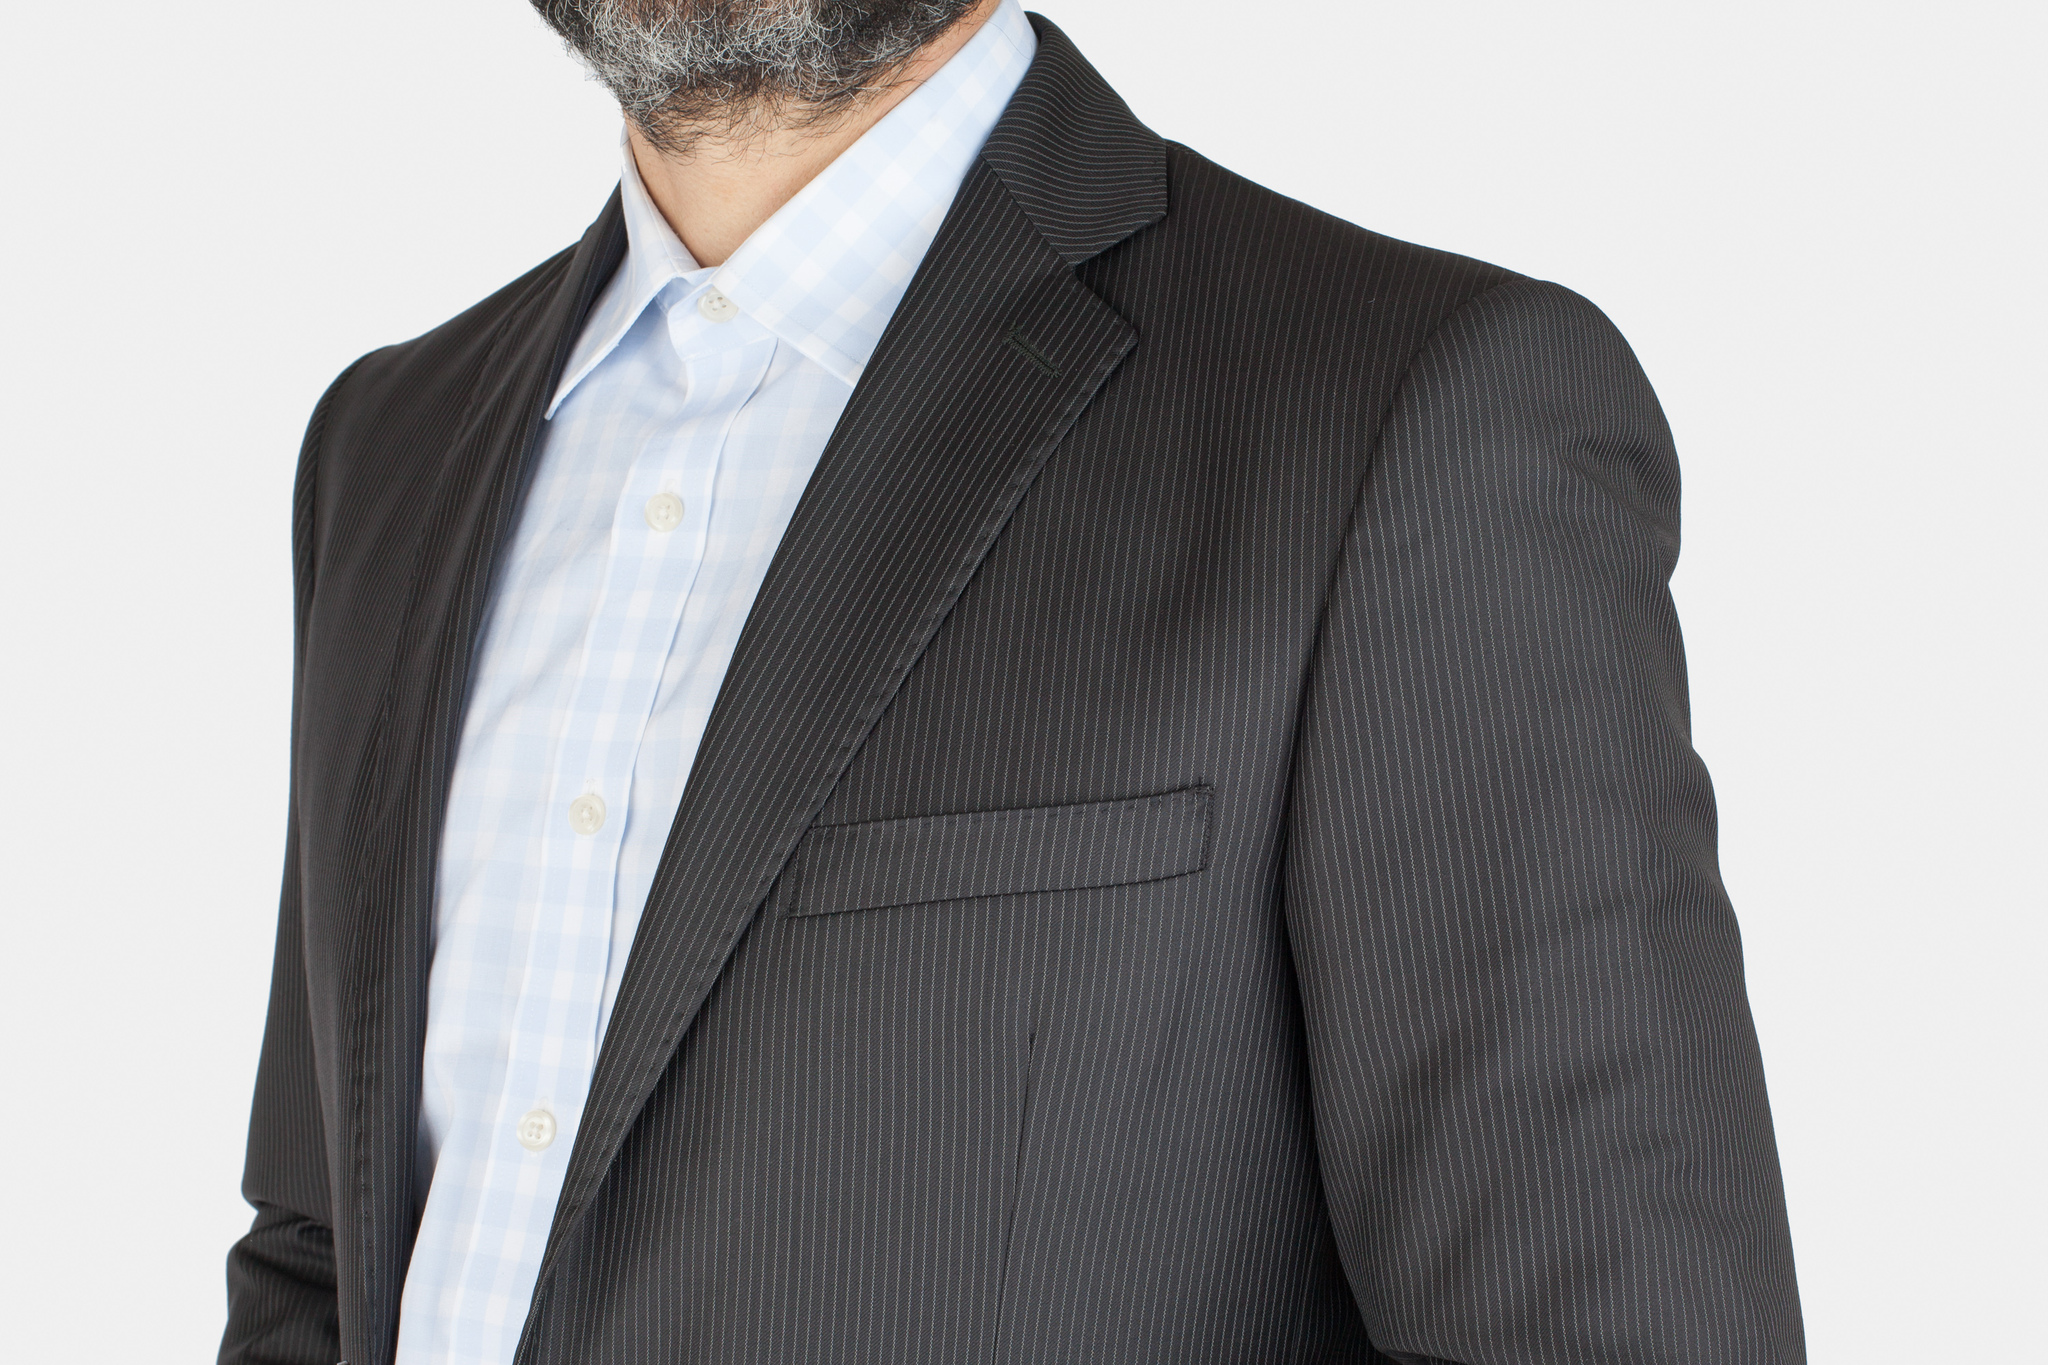 Тёмно-серый костюм в частую тонкую светлую полоску из 100%-ной шерсти, нагрудный карман